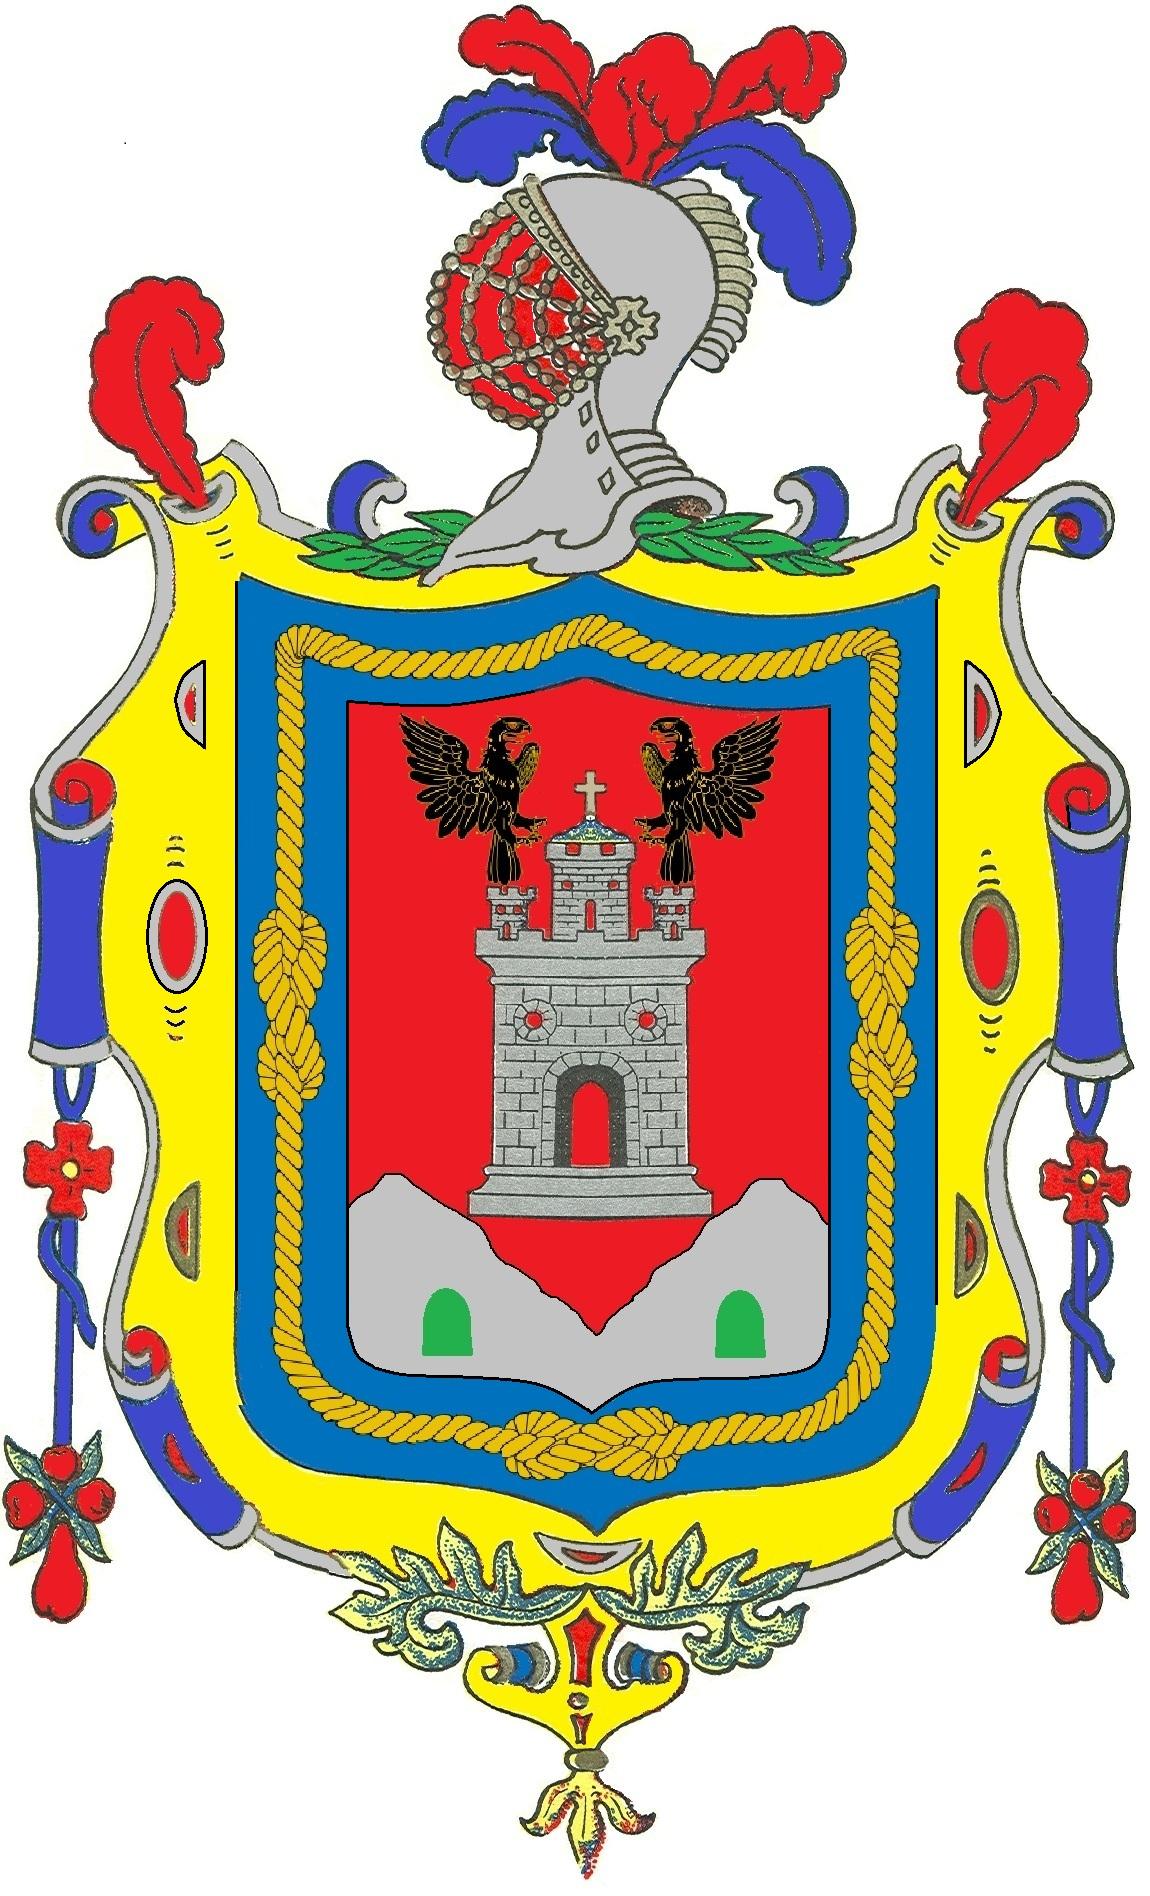 Official seal of San Francisco de Quito